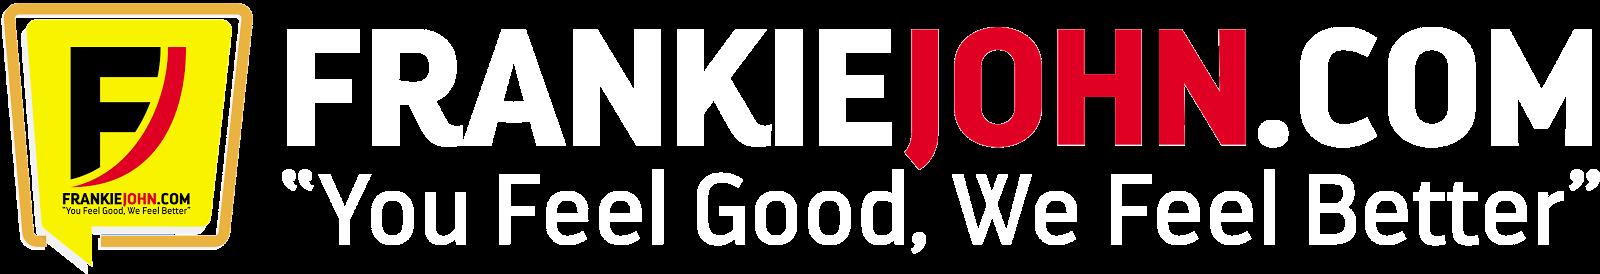 FrankieJohn.com Official Logo